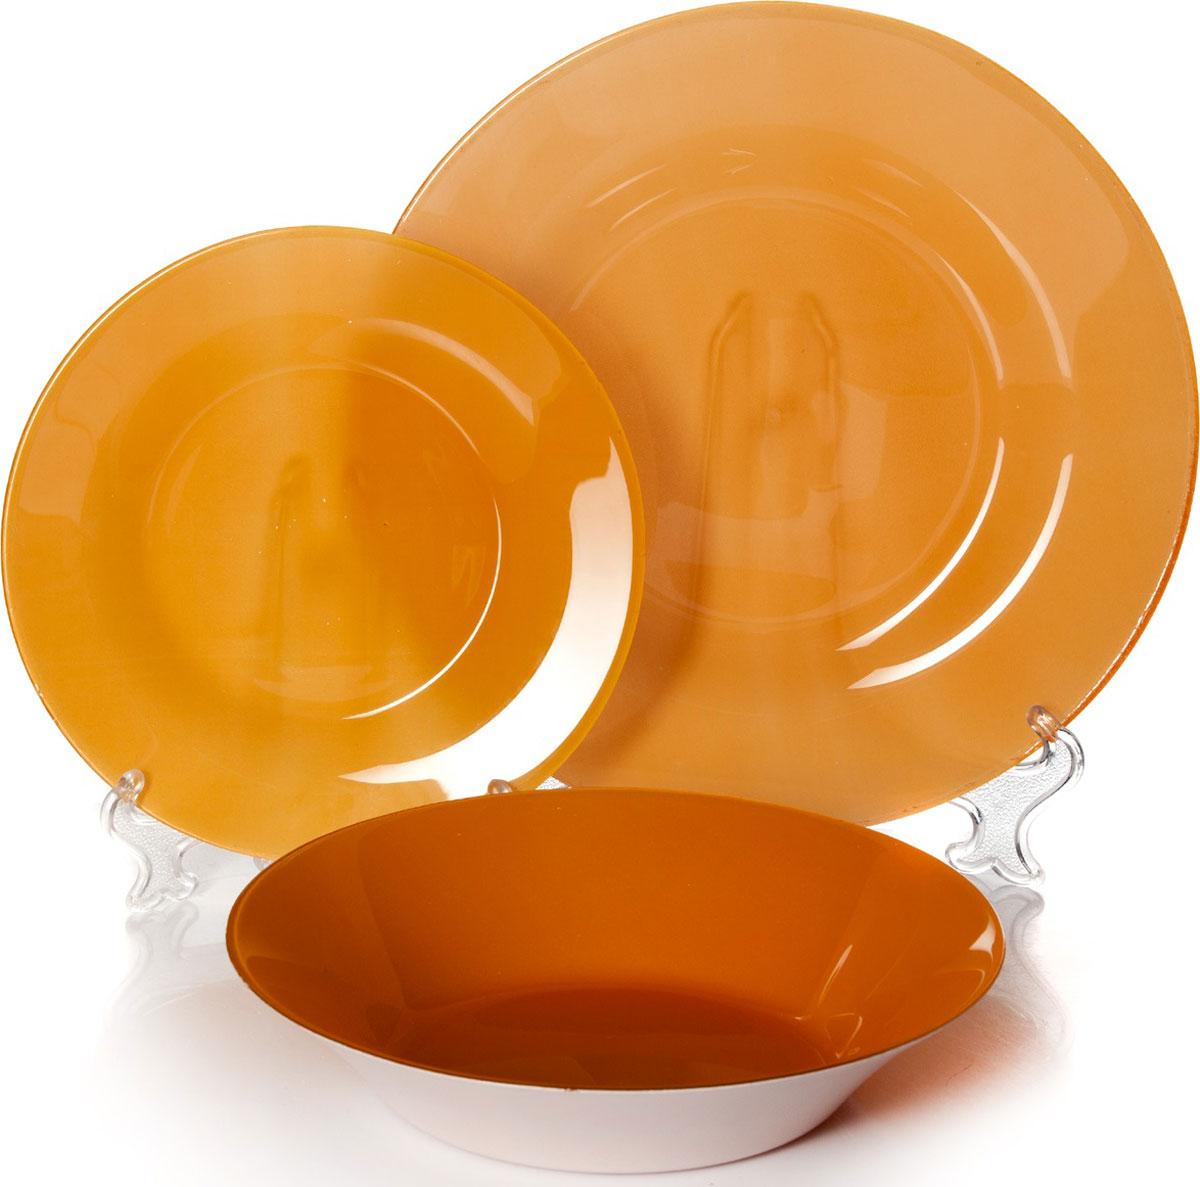 Набор тарелок Pasabahce Оранж Виллаж, цвет: оранжевый, 18 шт029862Набор Pasabahce Оранж Виллаж состоит из 18 тарелок. Они выполнены из качественногостекла оранжевого цвета. Набор отлично подойдет в качестве подарка.Изящные тарелки прекрасно оформят праздничный стол и порадуют вас и ваших гостей изысканным дизайном и формой. Диаметр тарелок:19,5 см - 6 шт;22 см - 6 шт; 26 см - 6 шт.